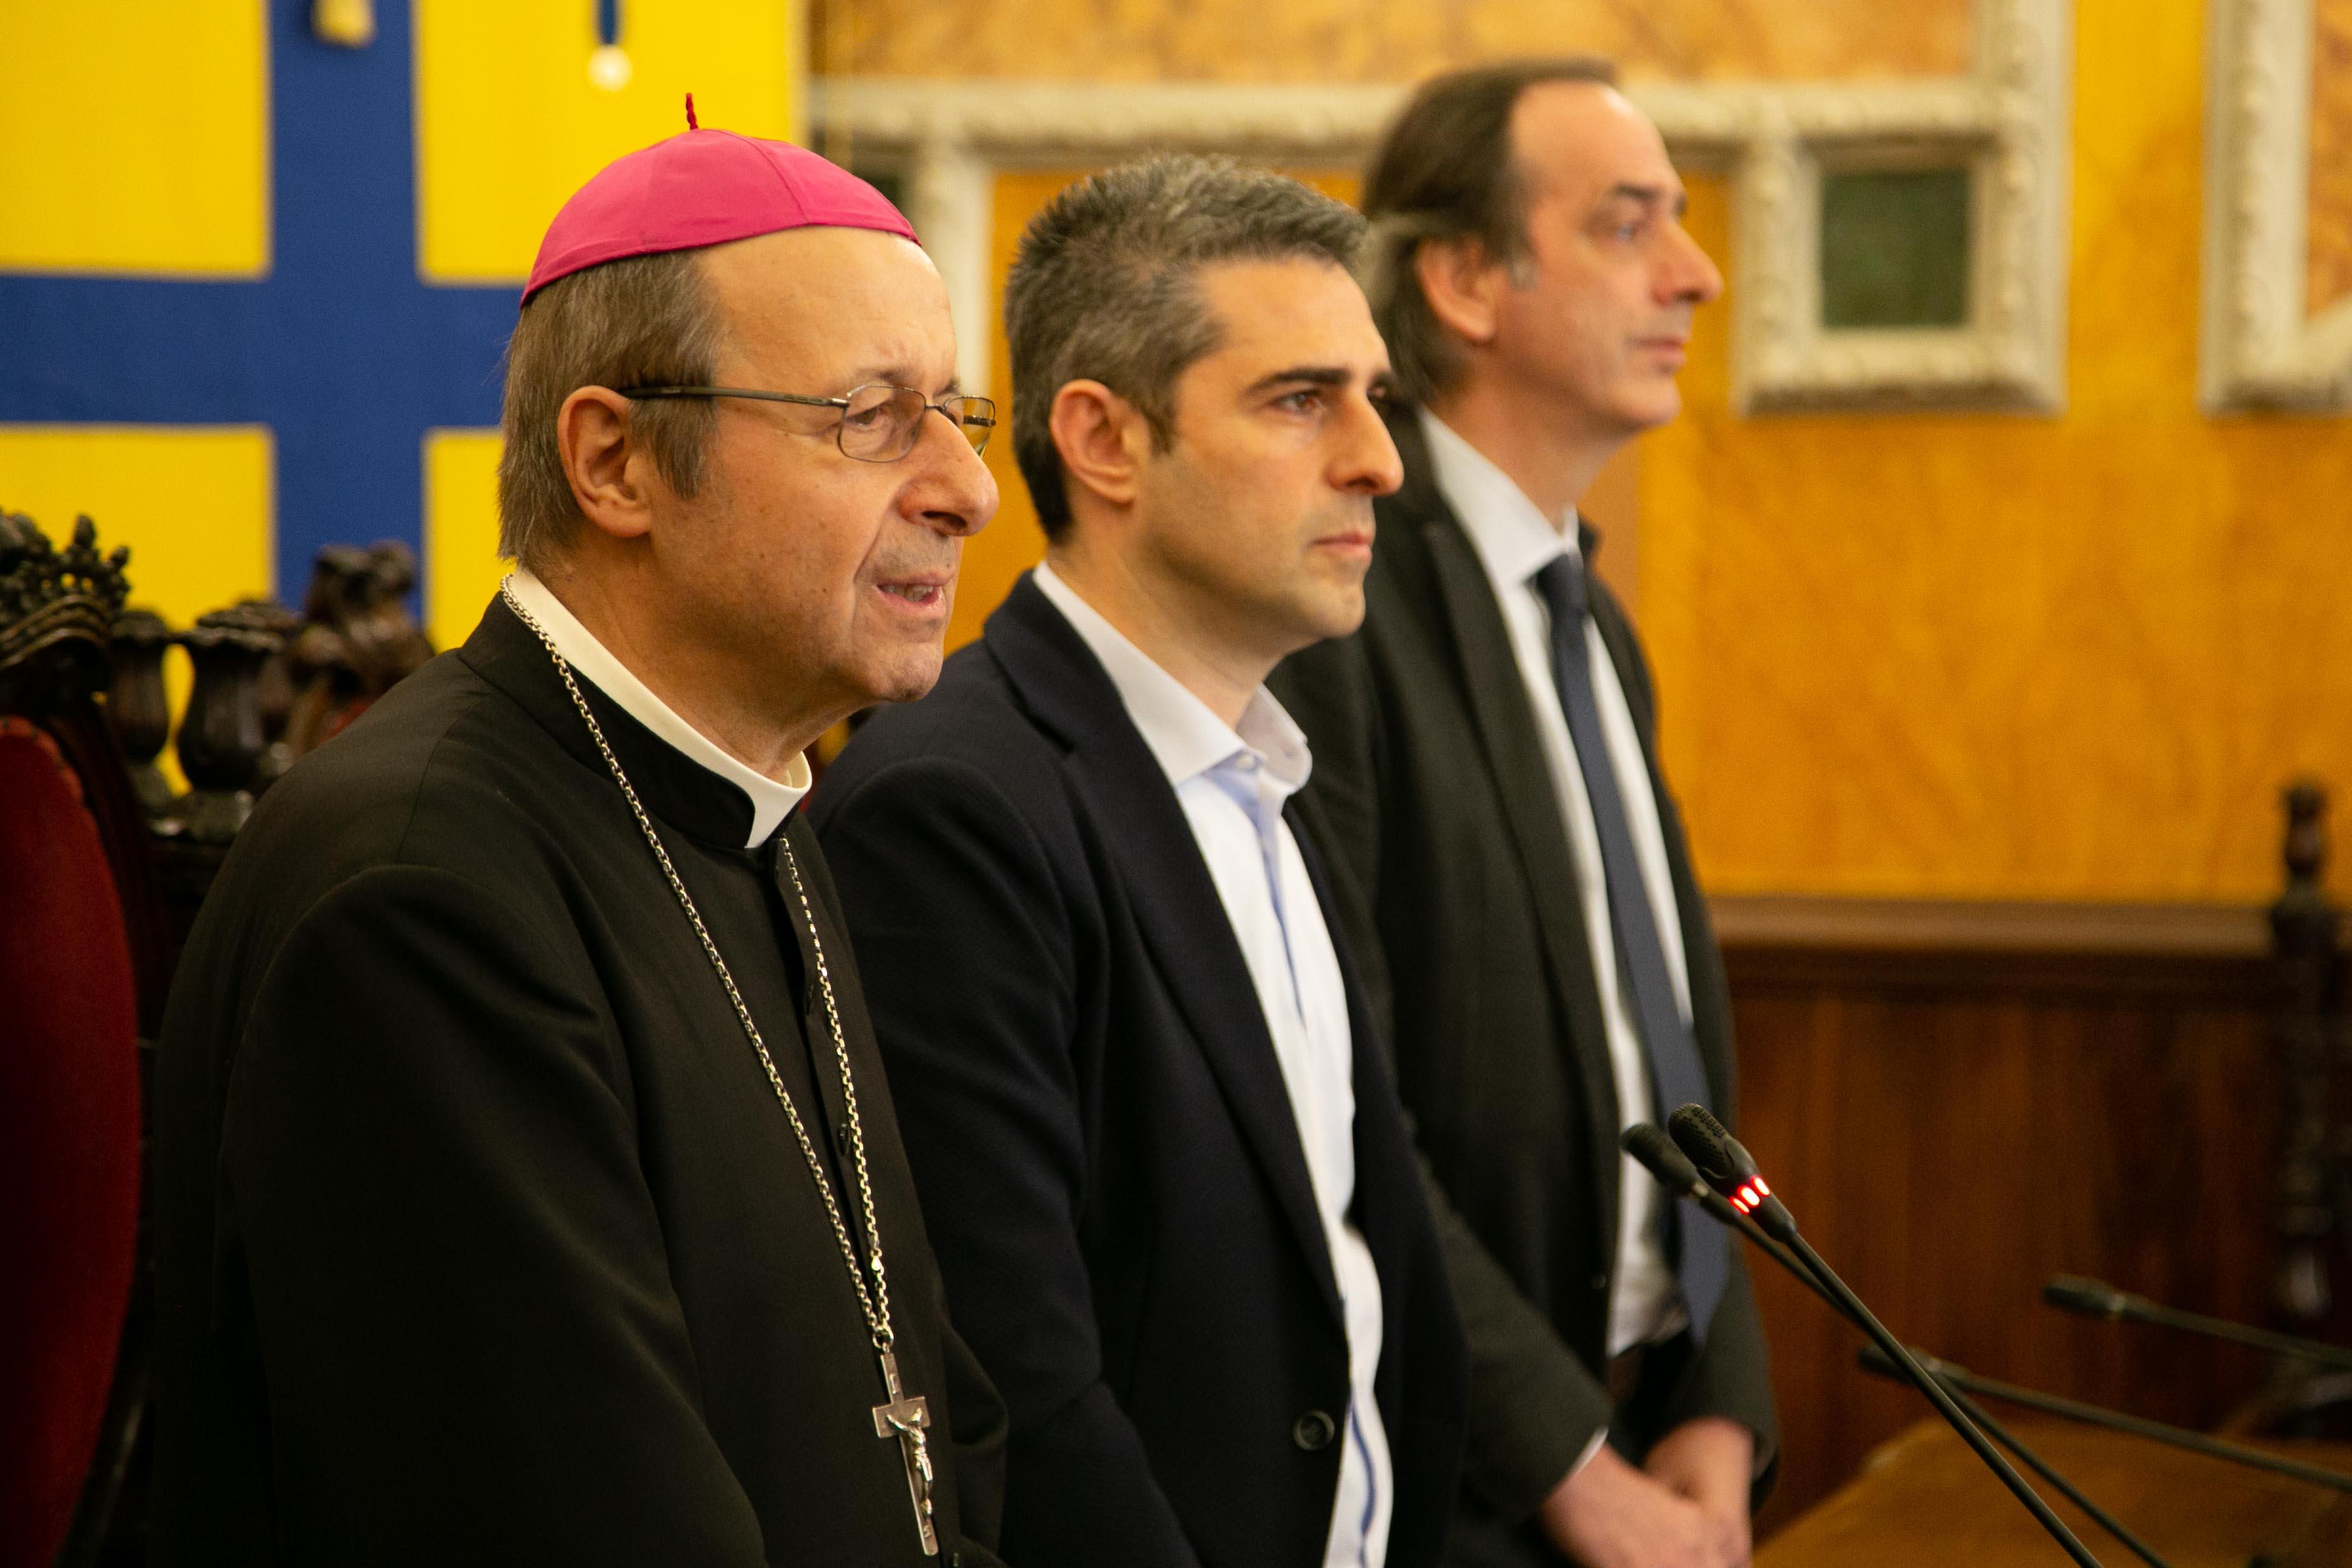 2019-04-15-Pizzarotti-Tassi-Carboni-benedizione-Vescovo-7